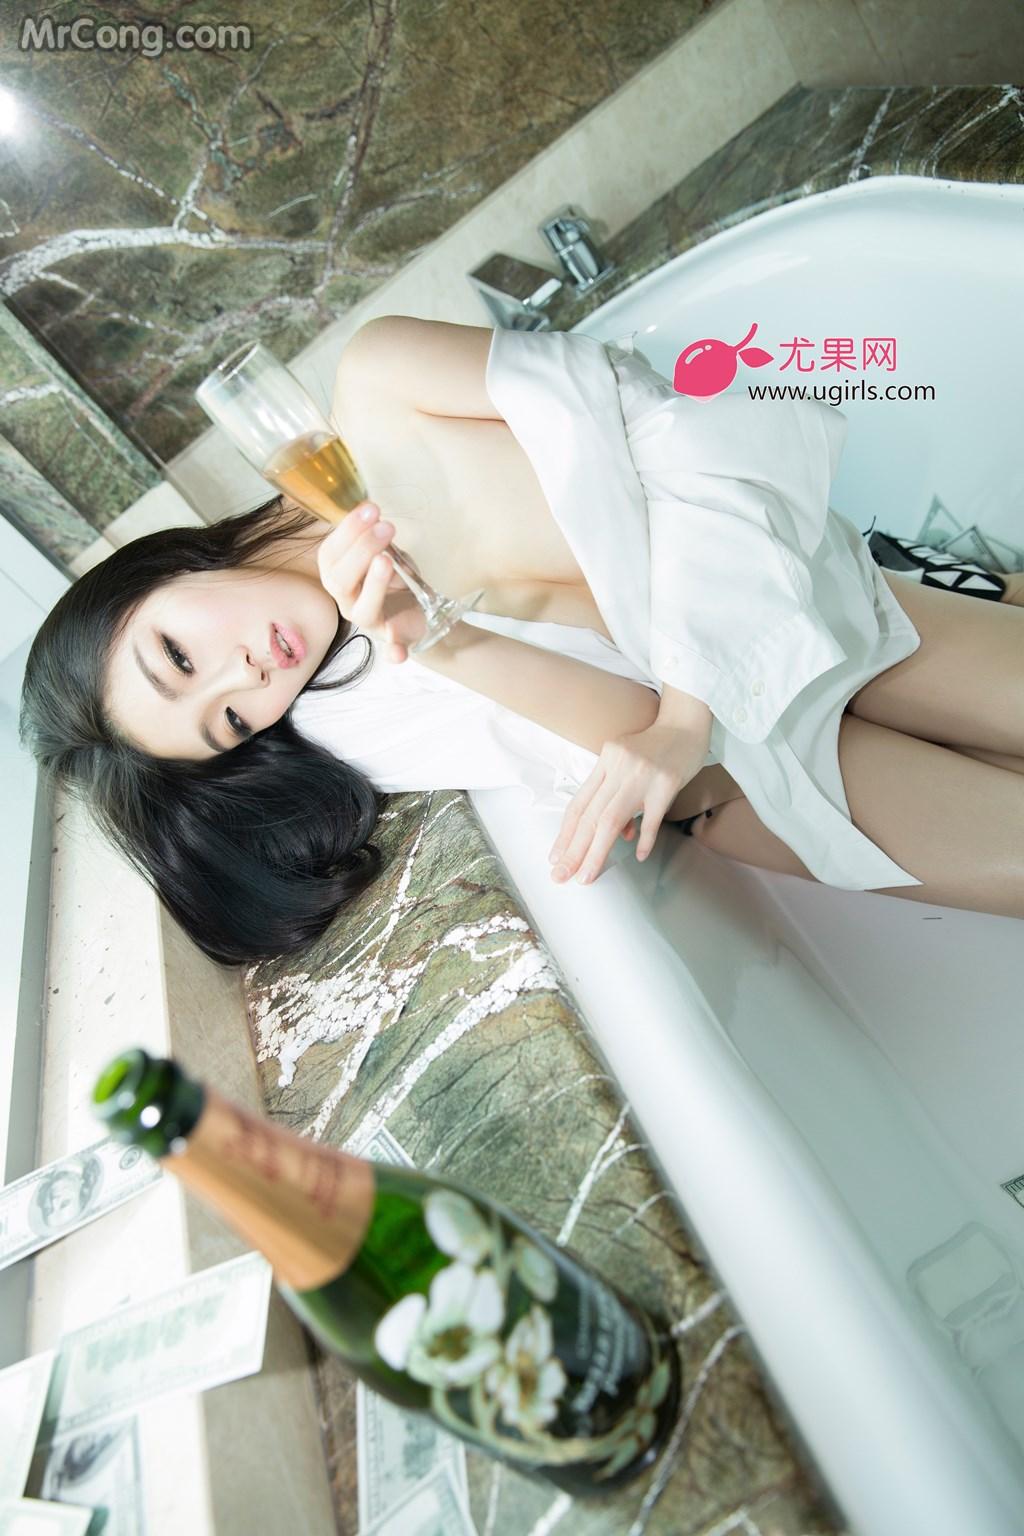 UGIRLS E002: Người mẫu Xu Wen Ting (许文婷) (50 ảnh)